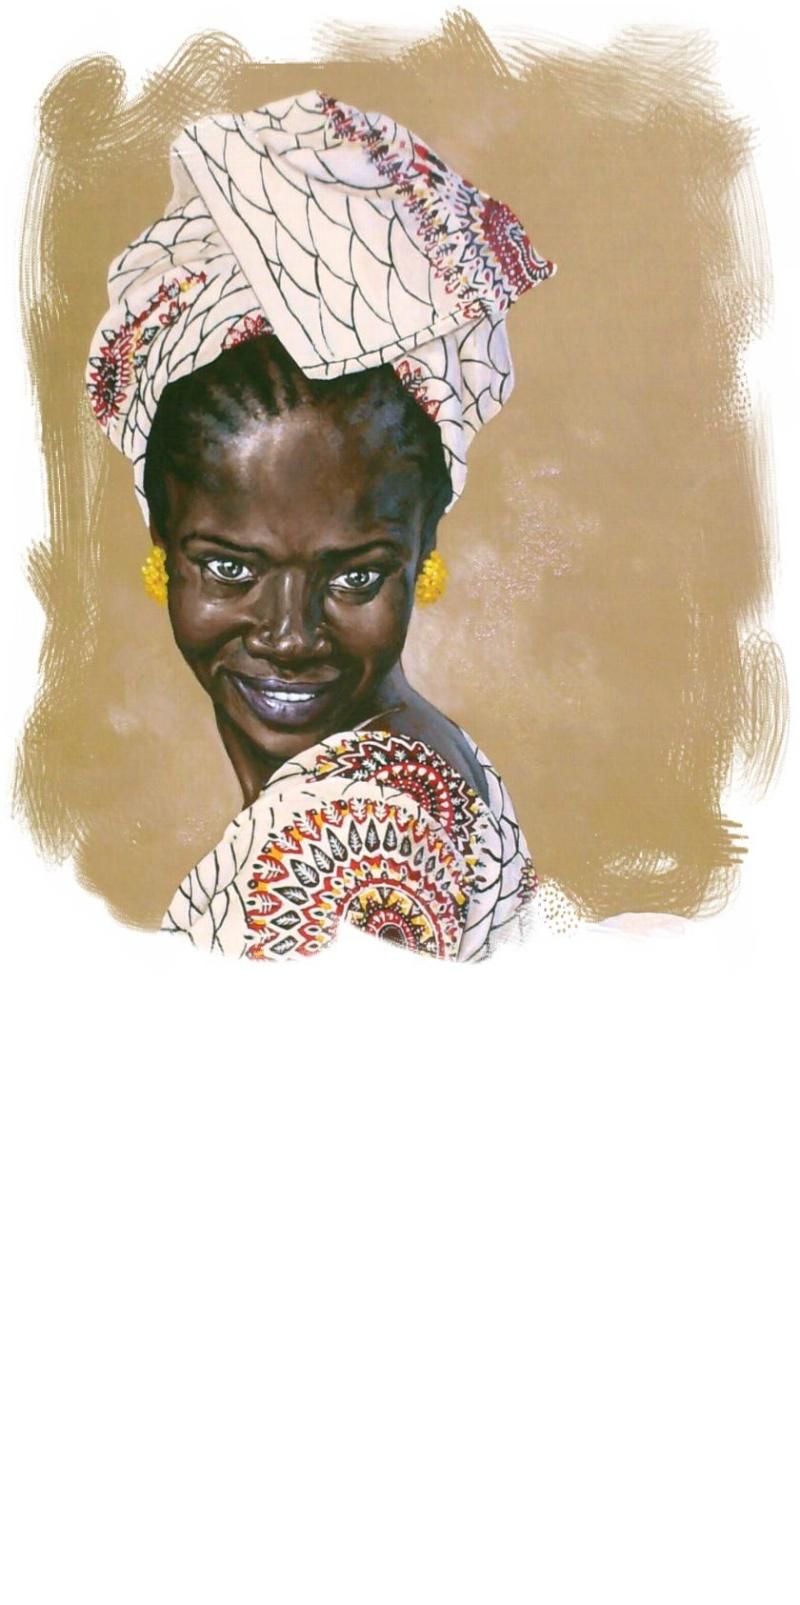 Manon, ou l'inoubliable rencontre Femme_12